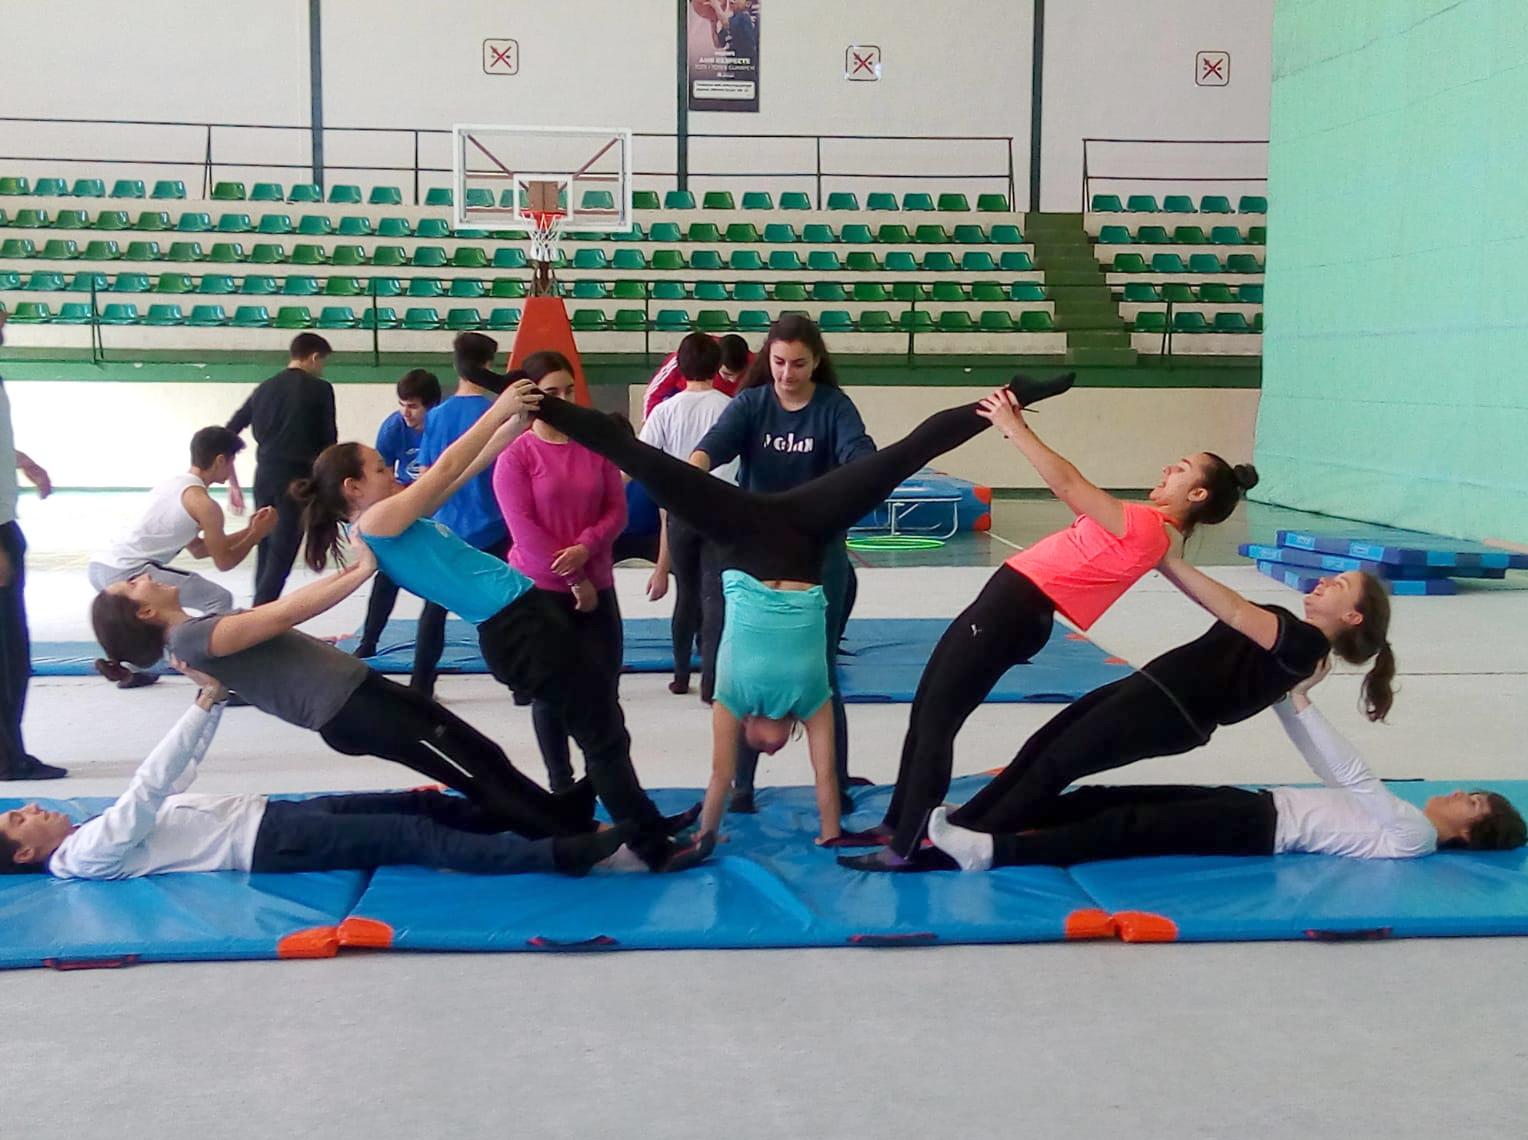 24 coreografies i 13 centres educatius, a la II Gimnastrada Universitària El Periòdic d'Ontinyent